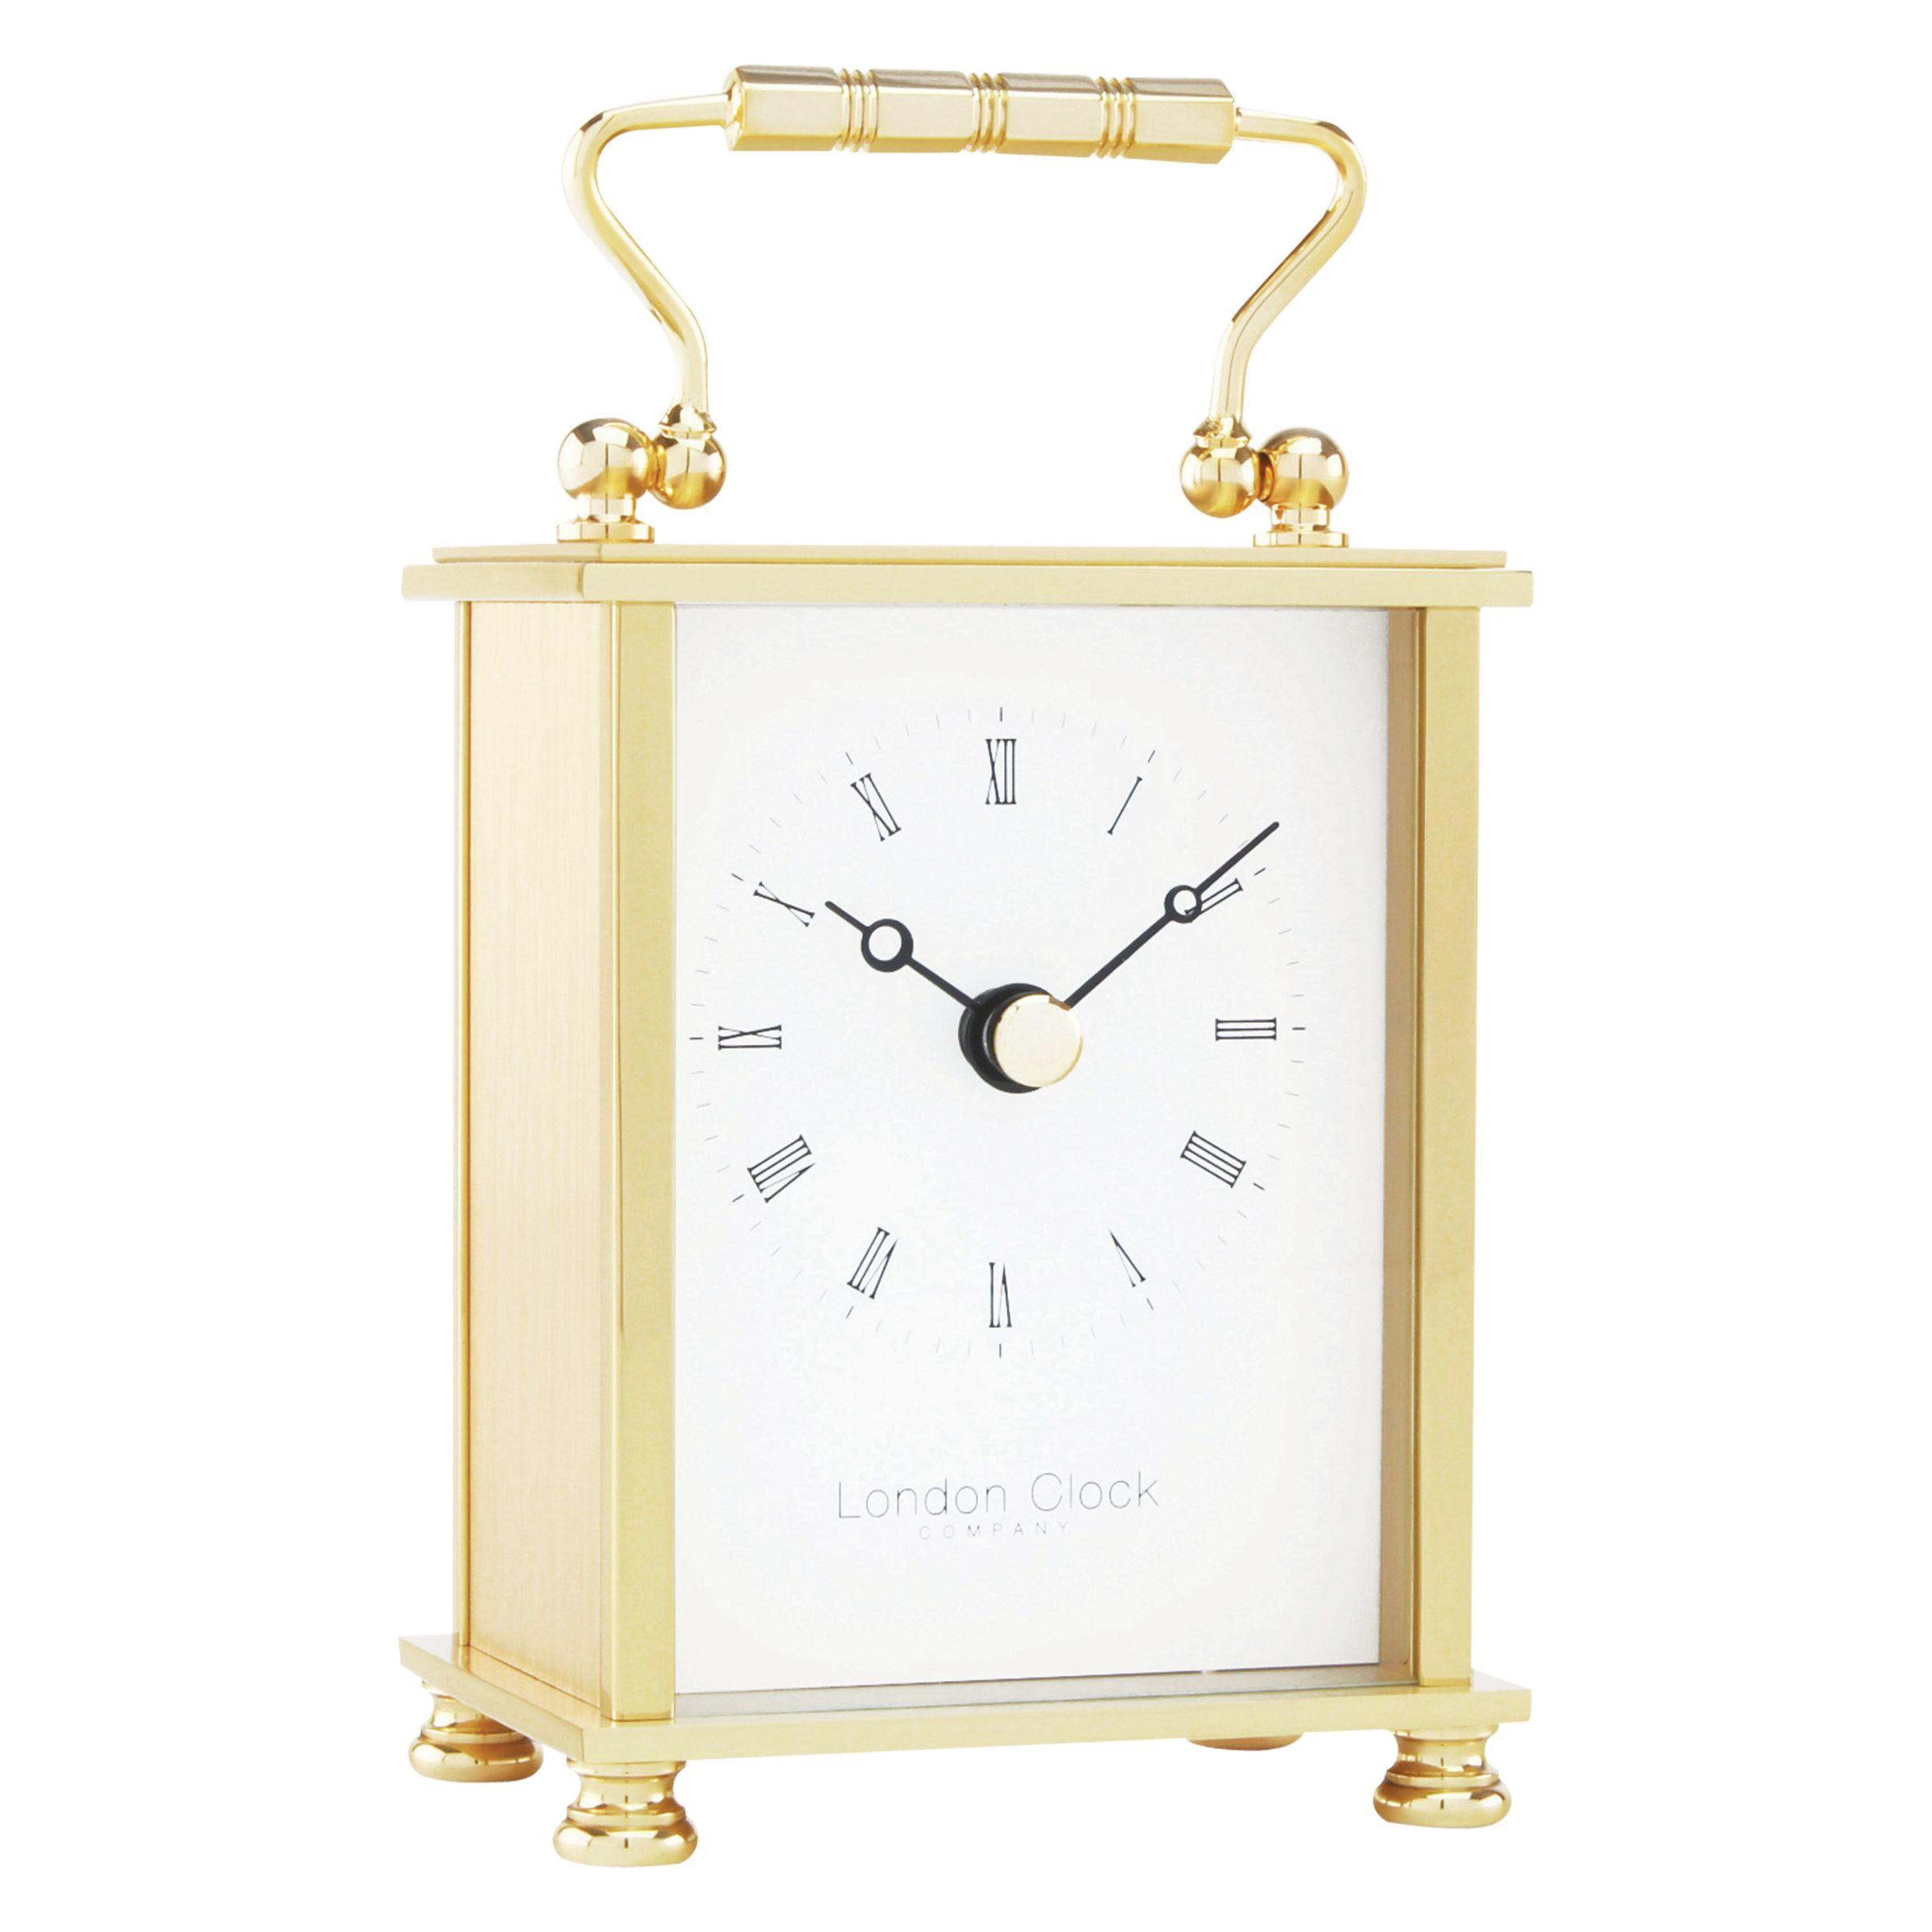 London Clock Company London Clock Company Solid Brass Mini Carriage Clock, Gold